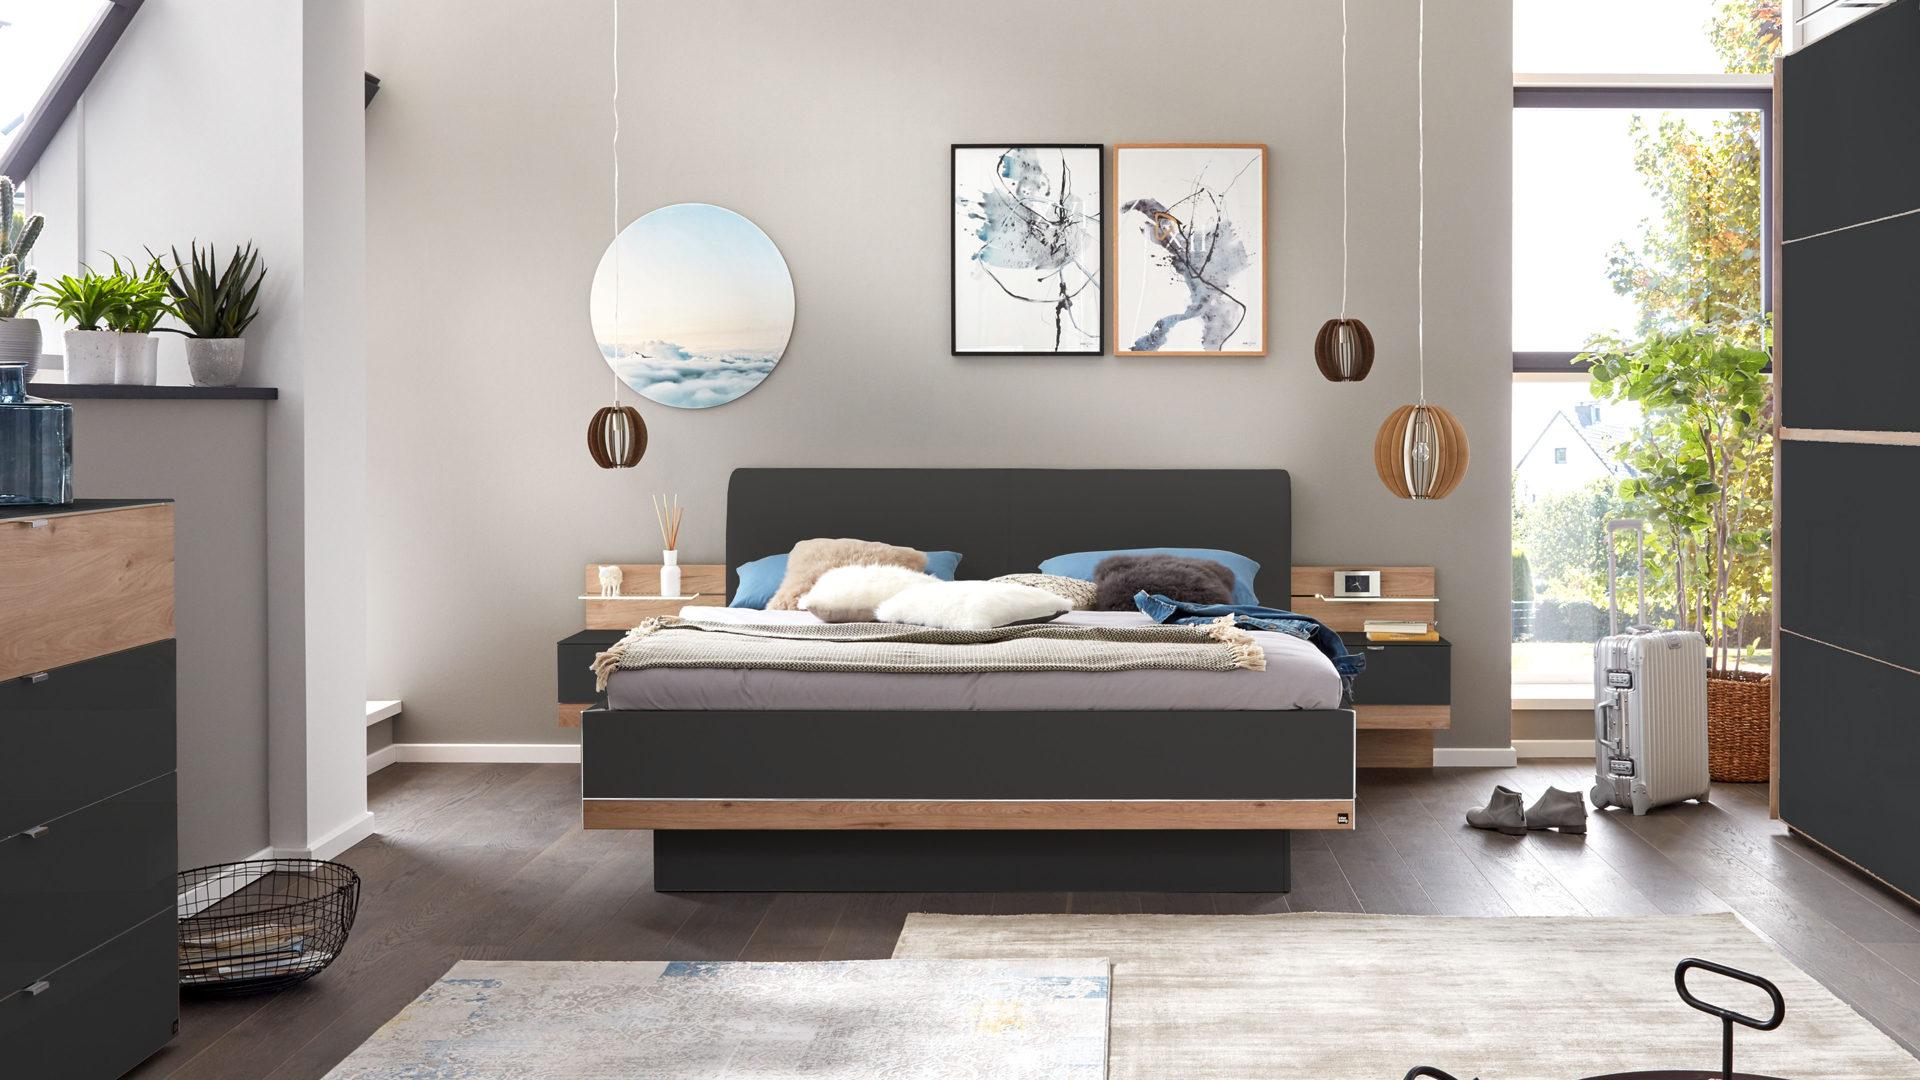 Interliving Schlafzimmer Serie 1010 – Doppelbettgestell mit Nachtkonsolen,  basalt- & Jackson eichefarbene Kunststoffoberfläch